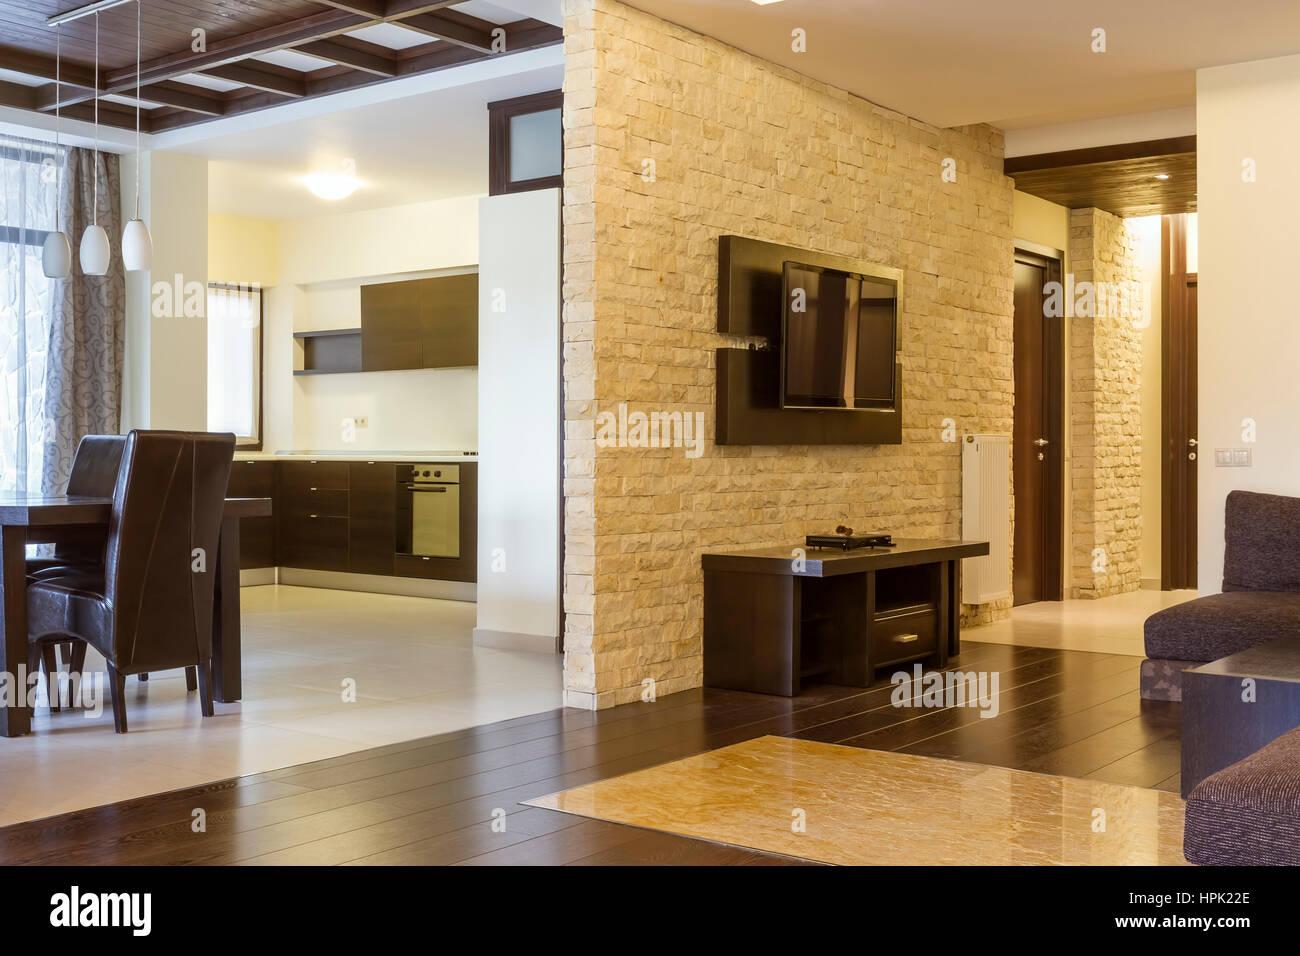 Moderne Wohnzimmer und moderne Küche. Die Wand mit natürlichen Stein ...